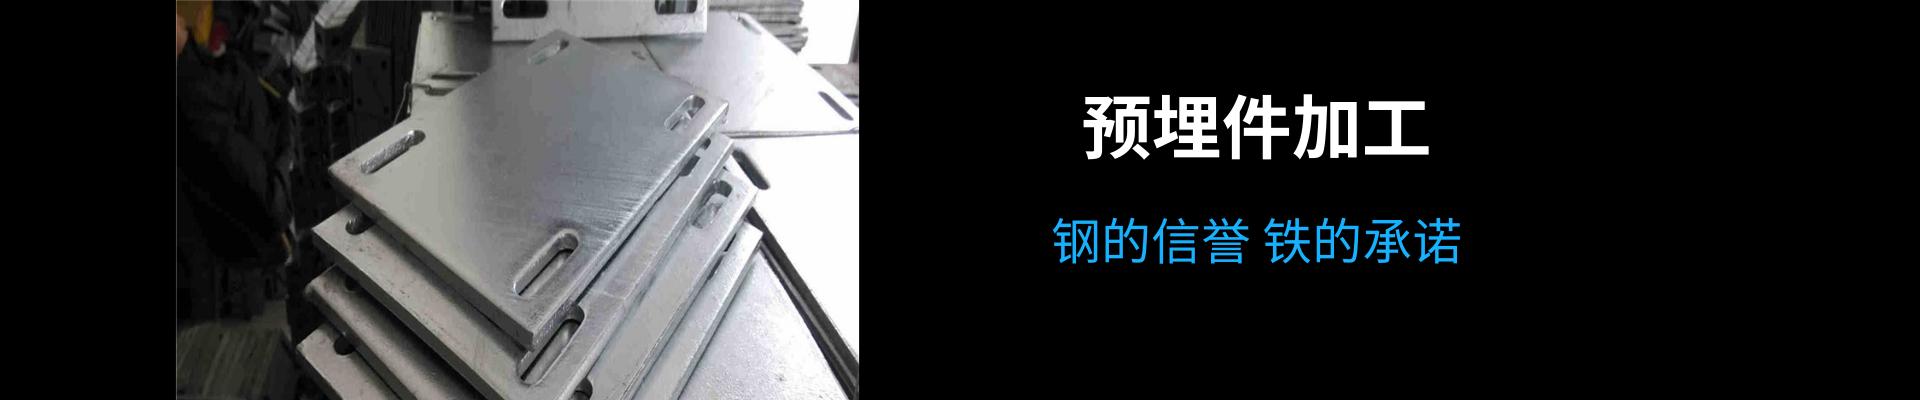 上海宇牧实业有限责任公司